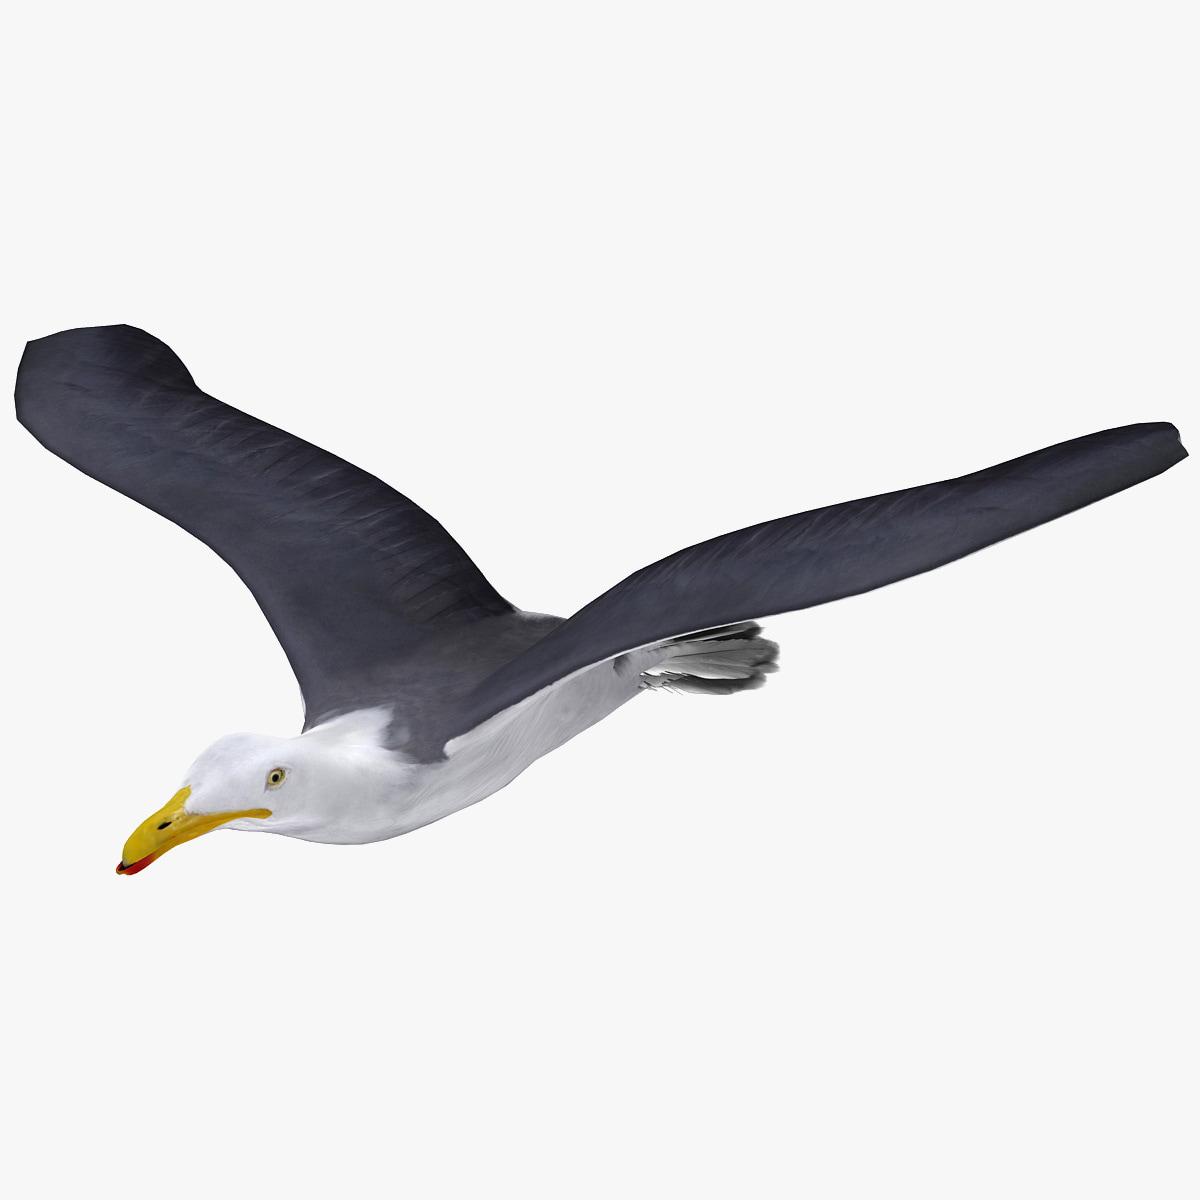 flying gull 2 animation 3d model